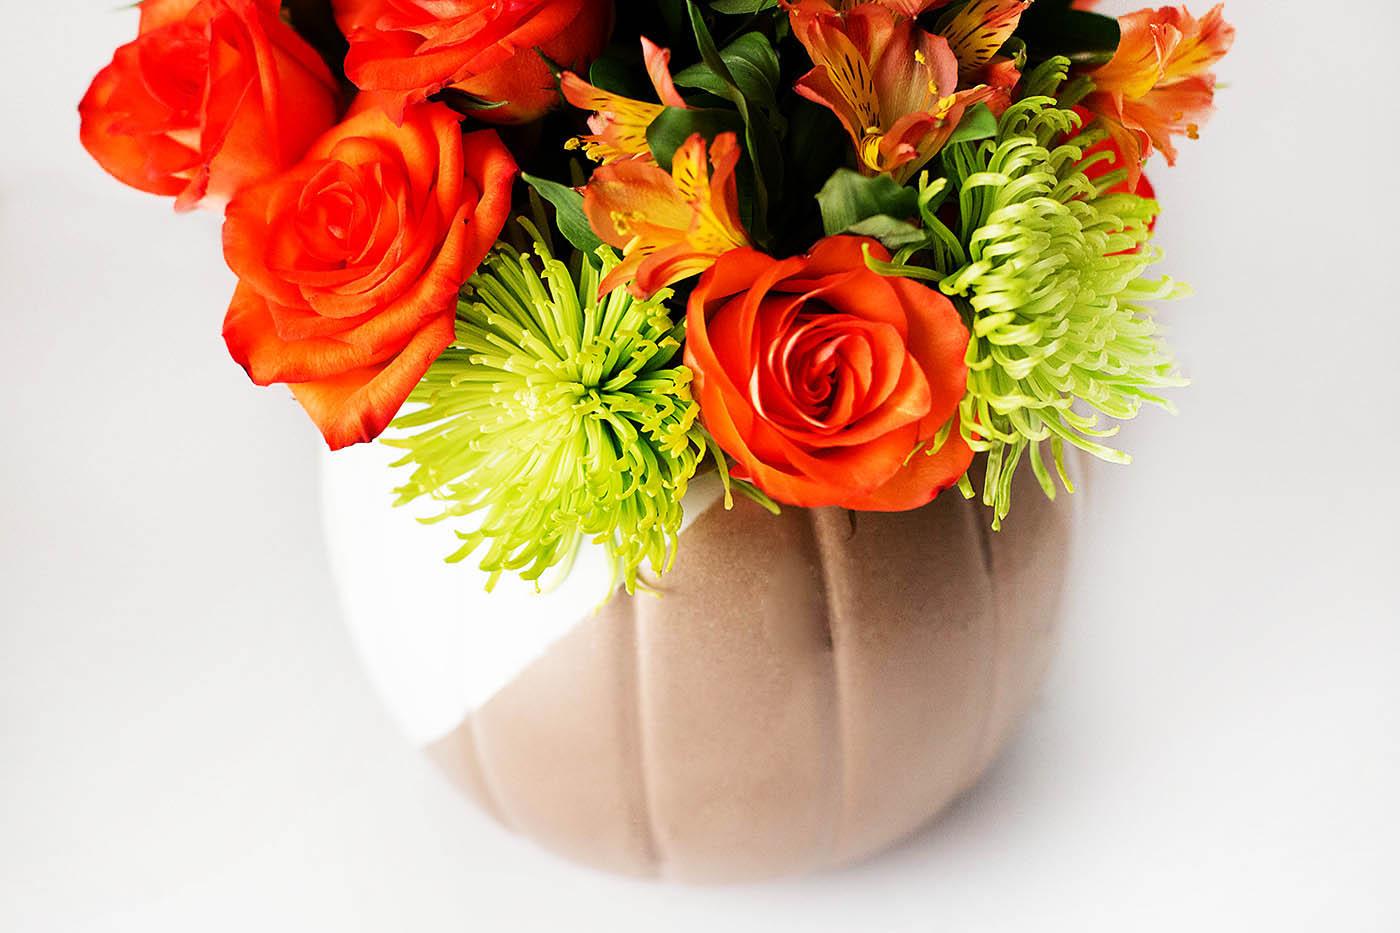 DIY Pumpkin Vase with a Plastic Pumpkin